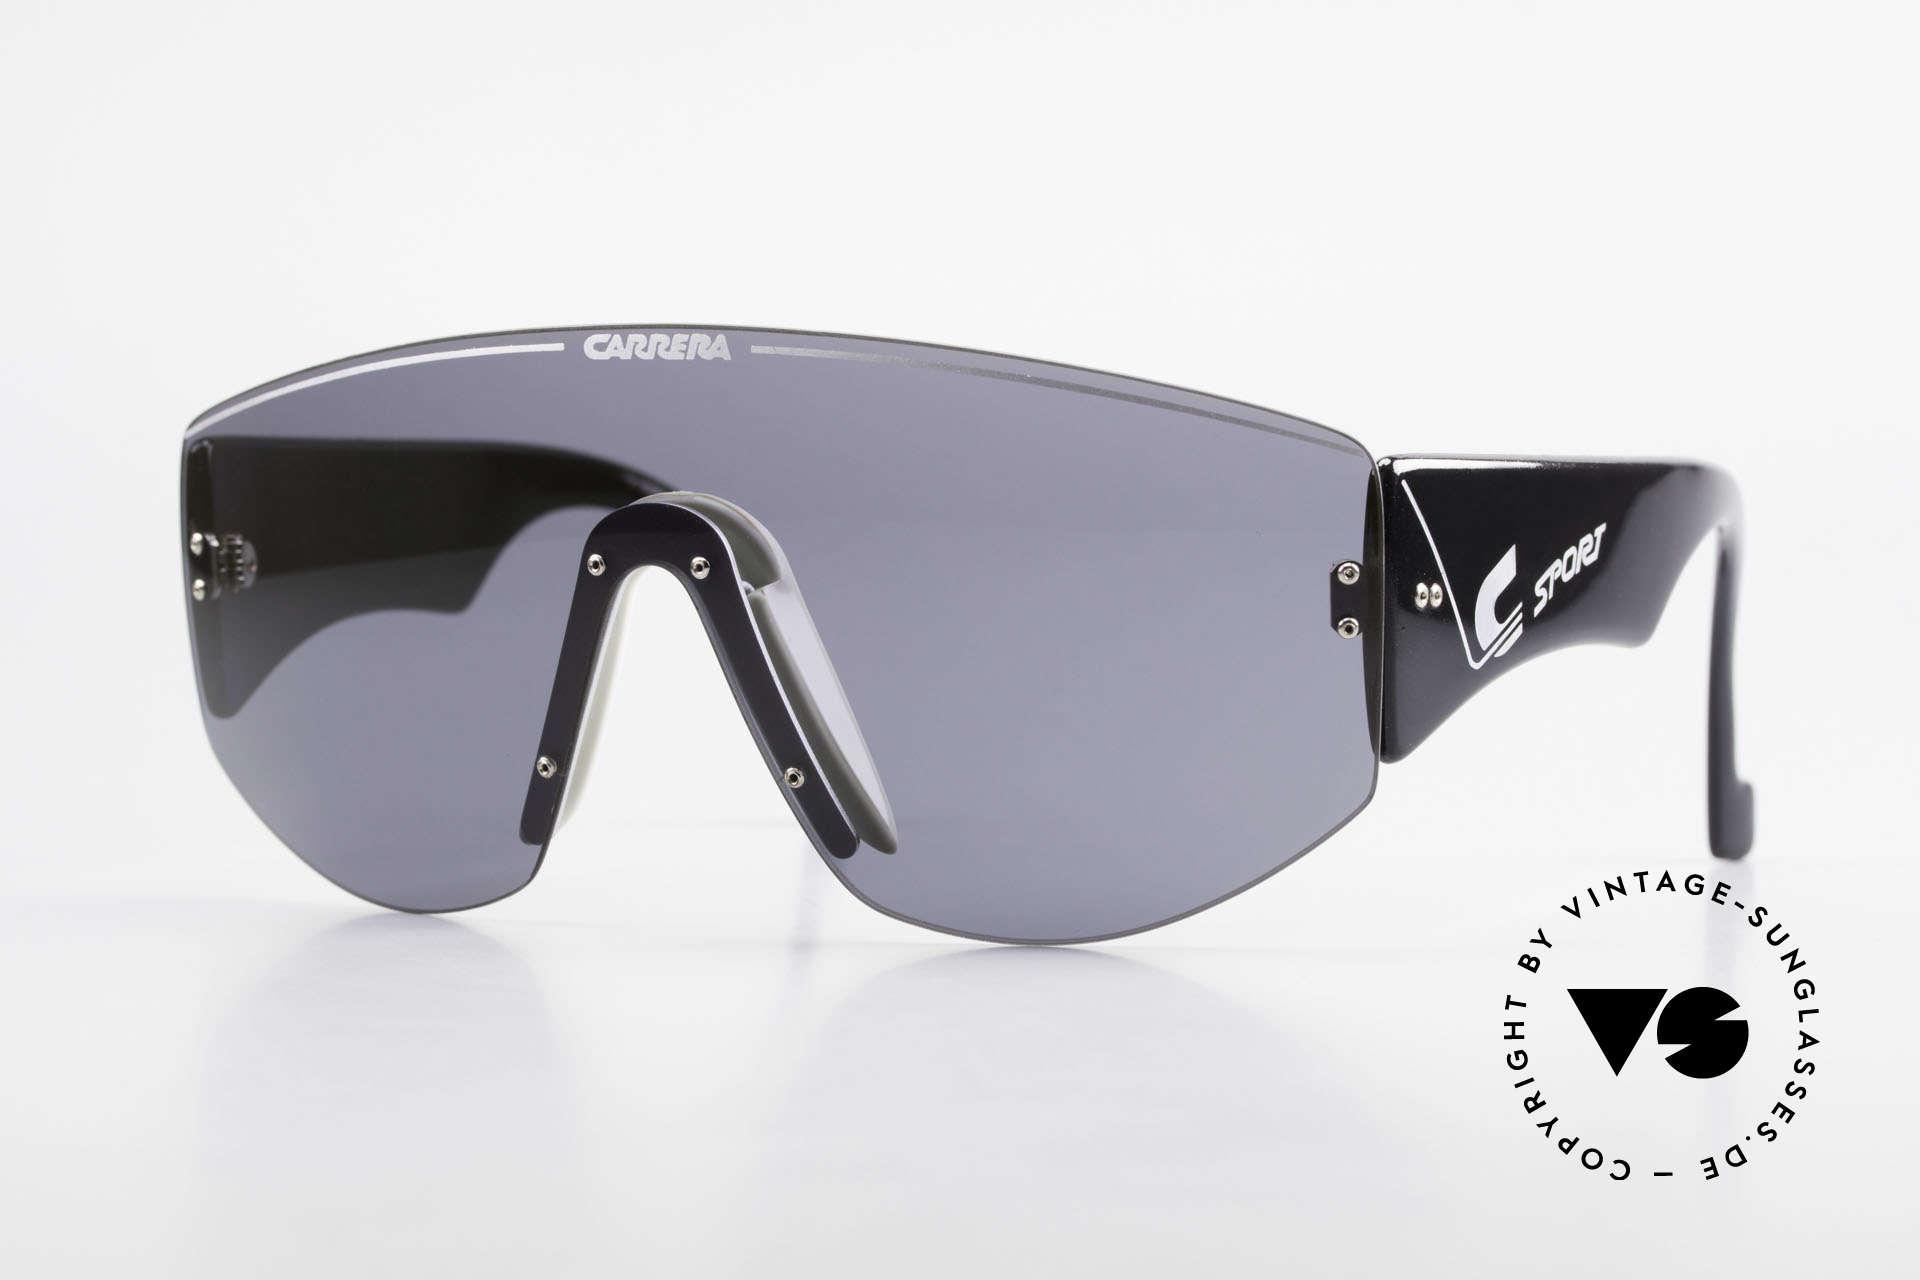 Carrera 5414 Rare Sport Sonnenbrille 90er, CARRERA Sportsonnenbrille aus den frühen 1990ern, Passend für Herren